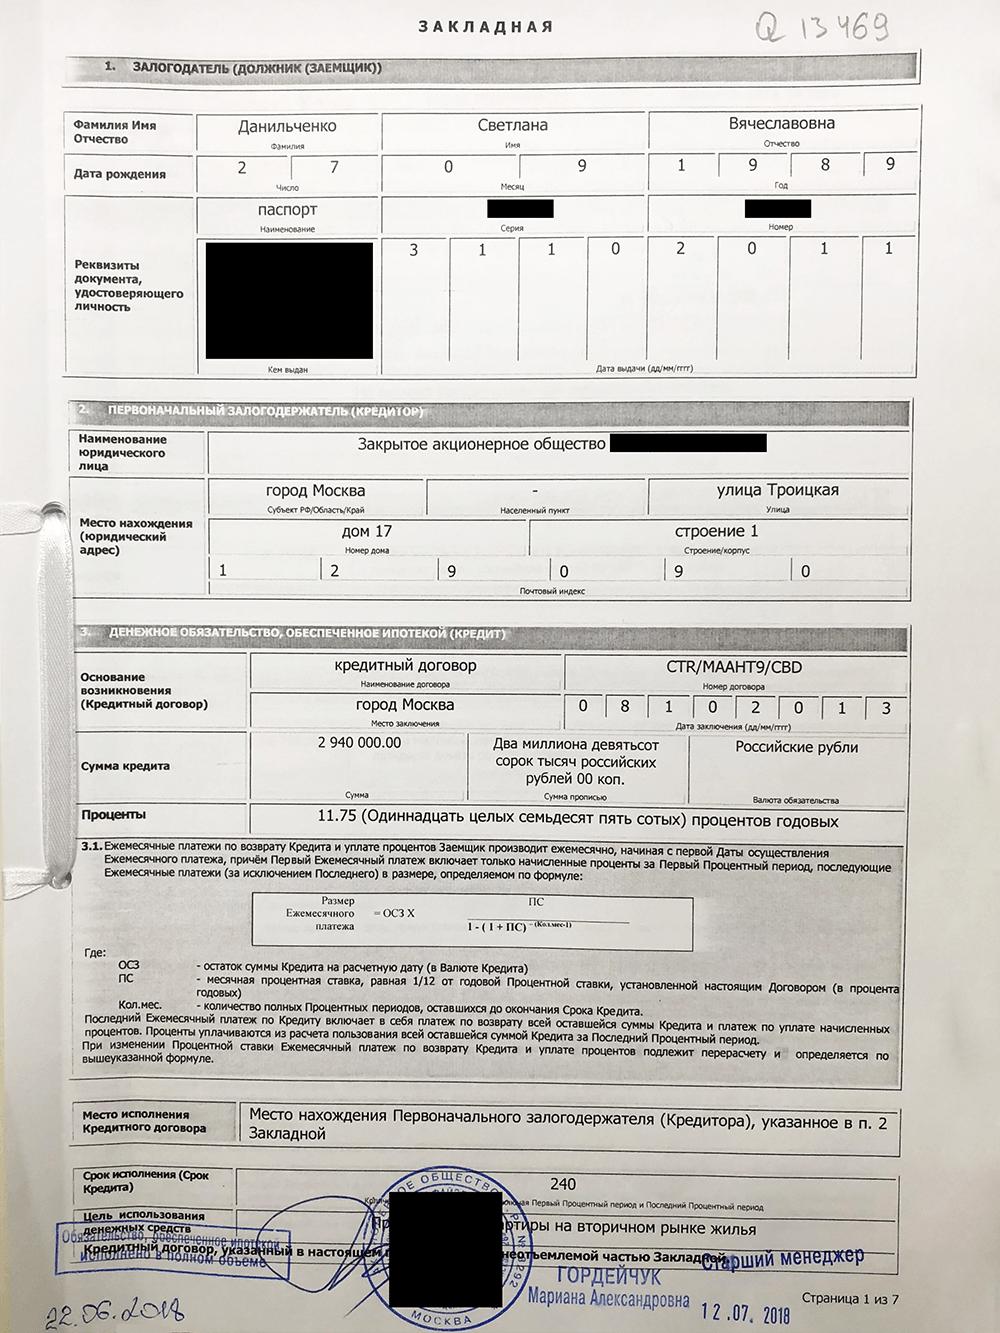 Закладная на квартиру по ипотеке - что это такое, регистрация закладной по ипотеке в мфц и росреестре